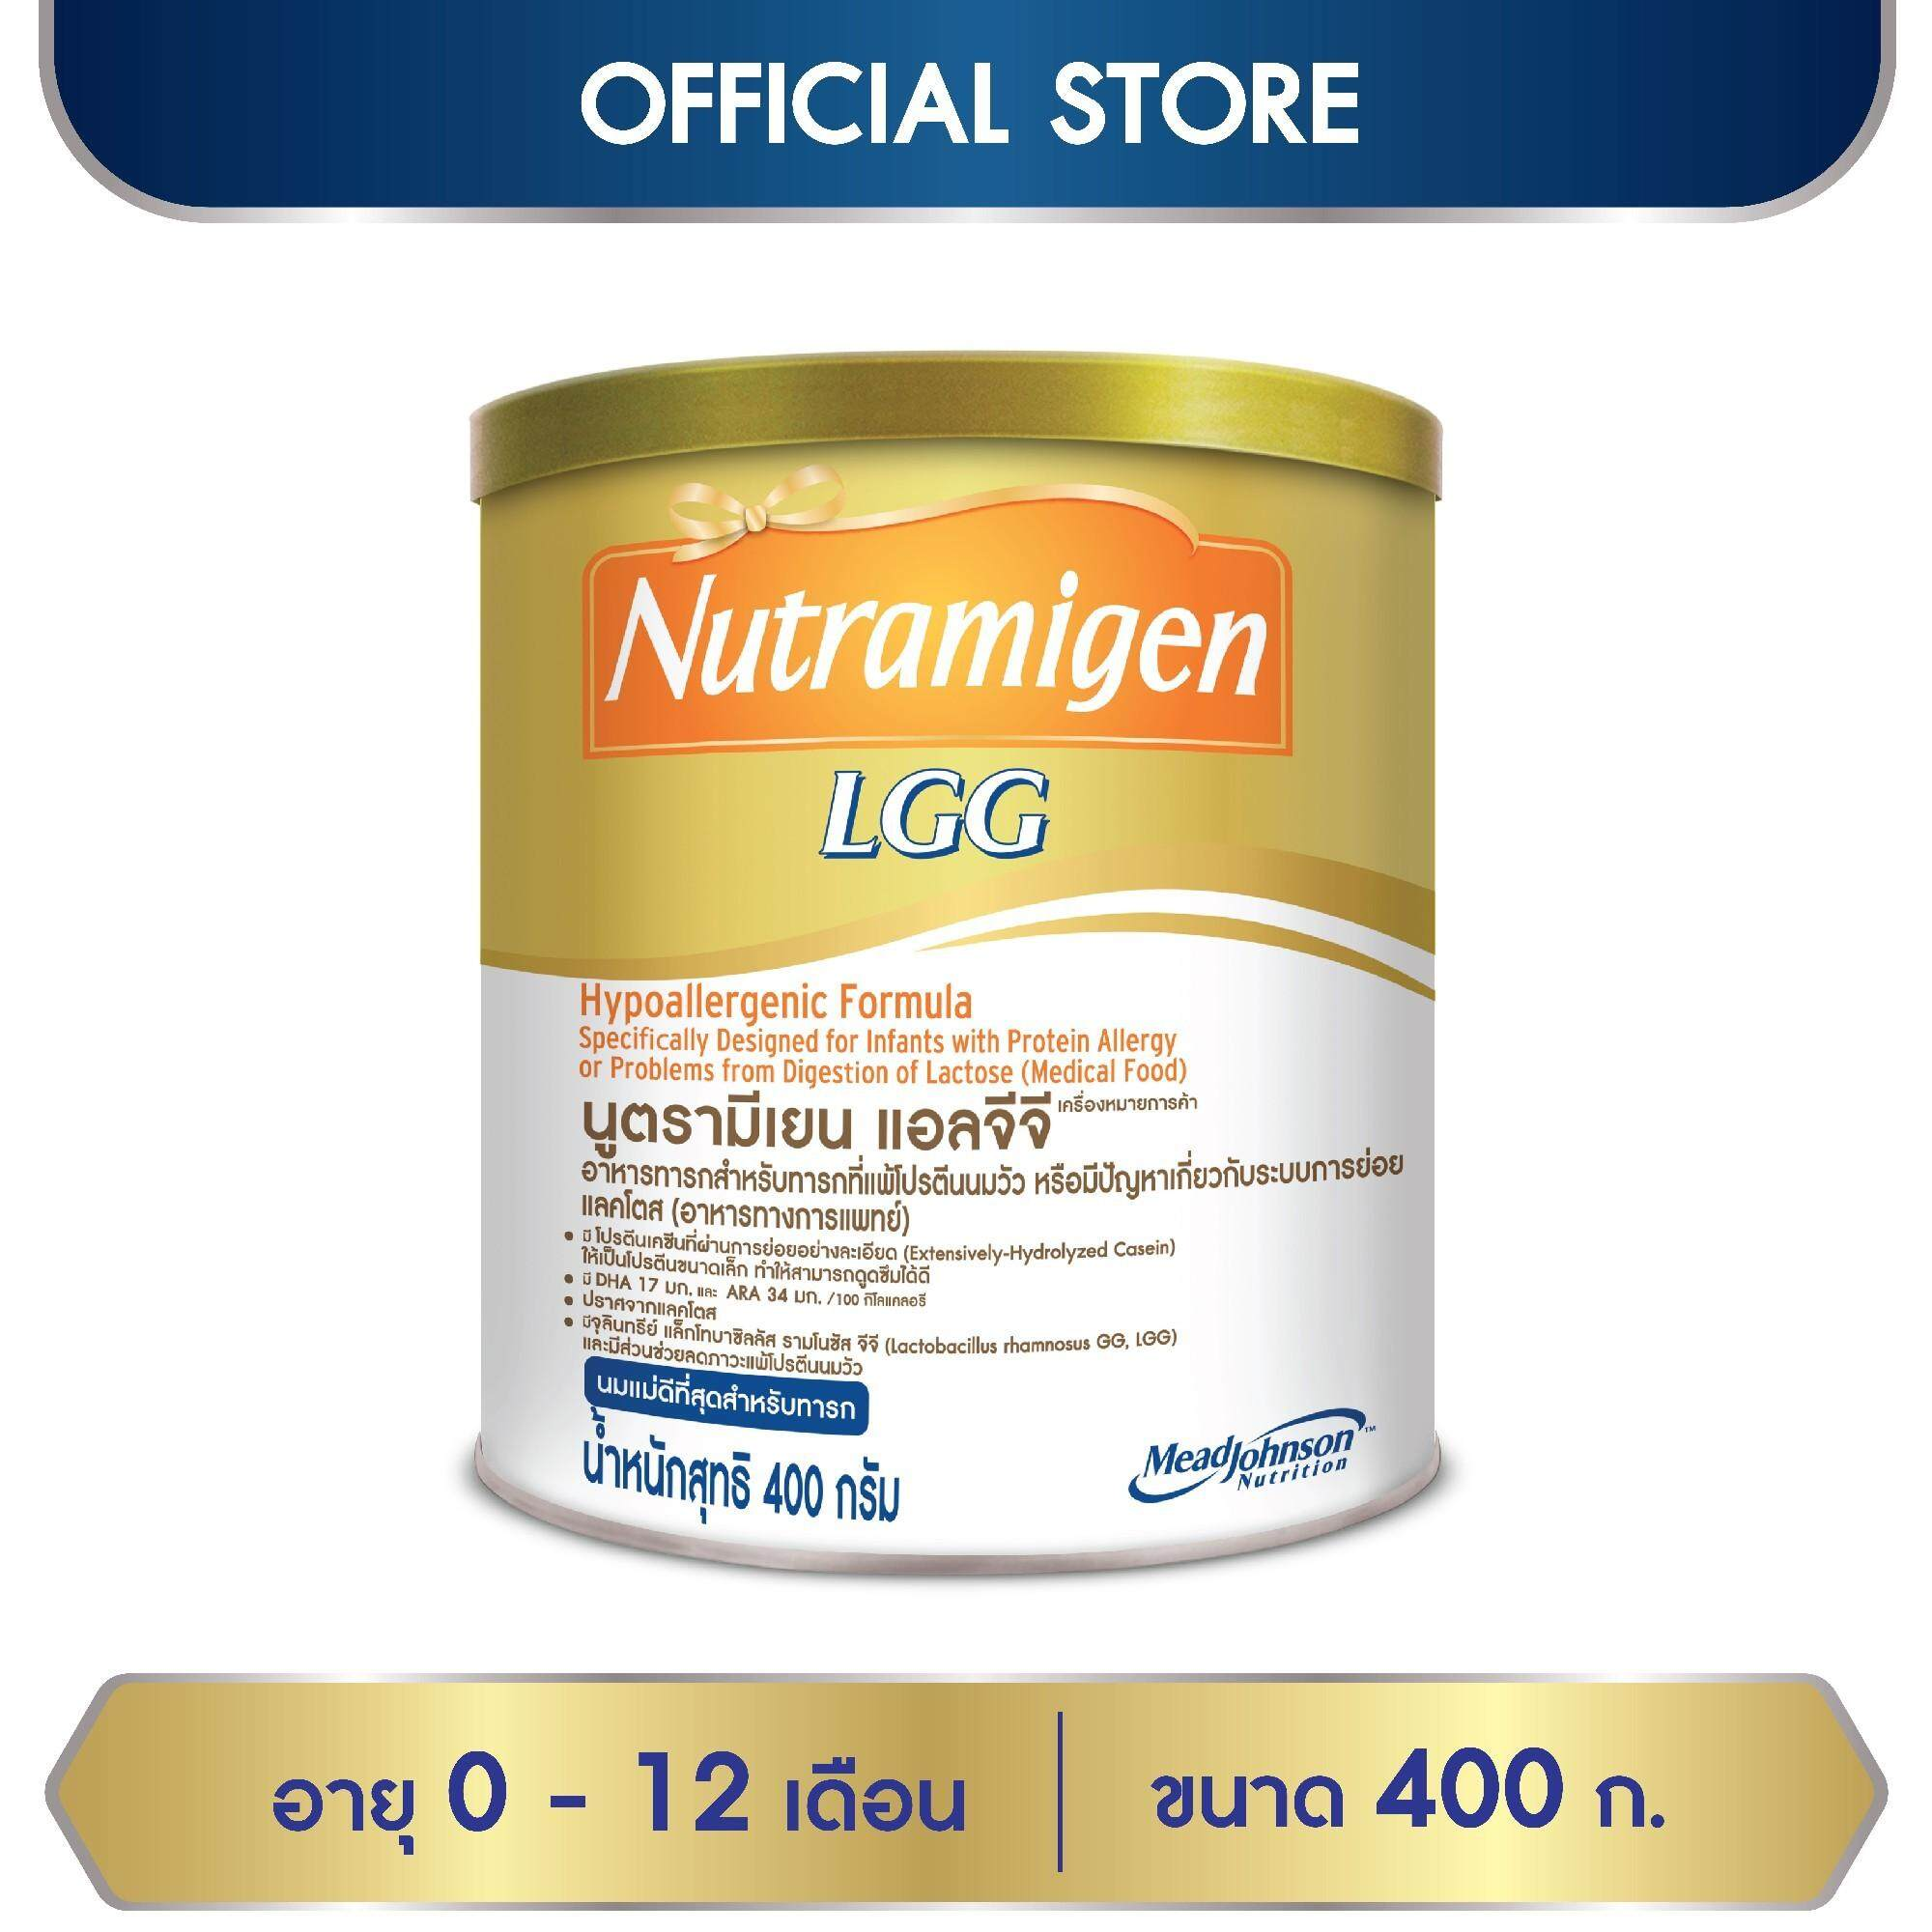 ราคาถูก  นมผง Nutramigen นูตรามิเยน แอลจีจี อาหาร สำหรับ ทารก เด็กเล็ก เด็กแรกเกิด แพ้โปรตีนนมวัว หรือ มีปัญหา ระบบการย่อย การดูดซึมแลคโตส 400 กรัม   ราคา ของแท้